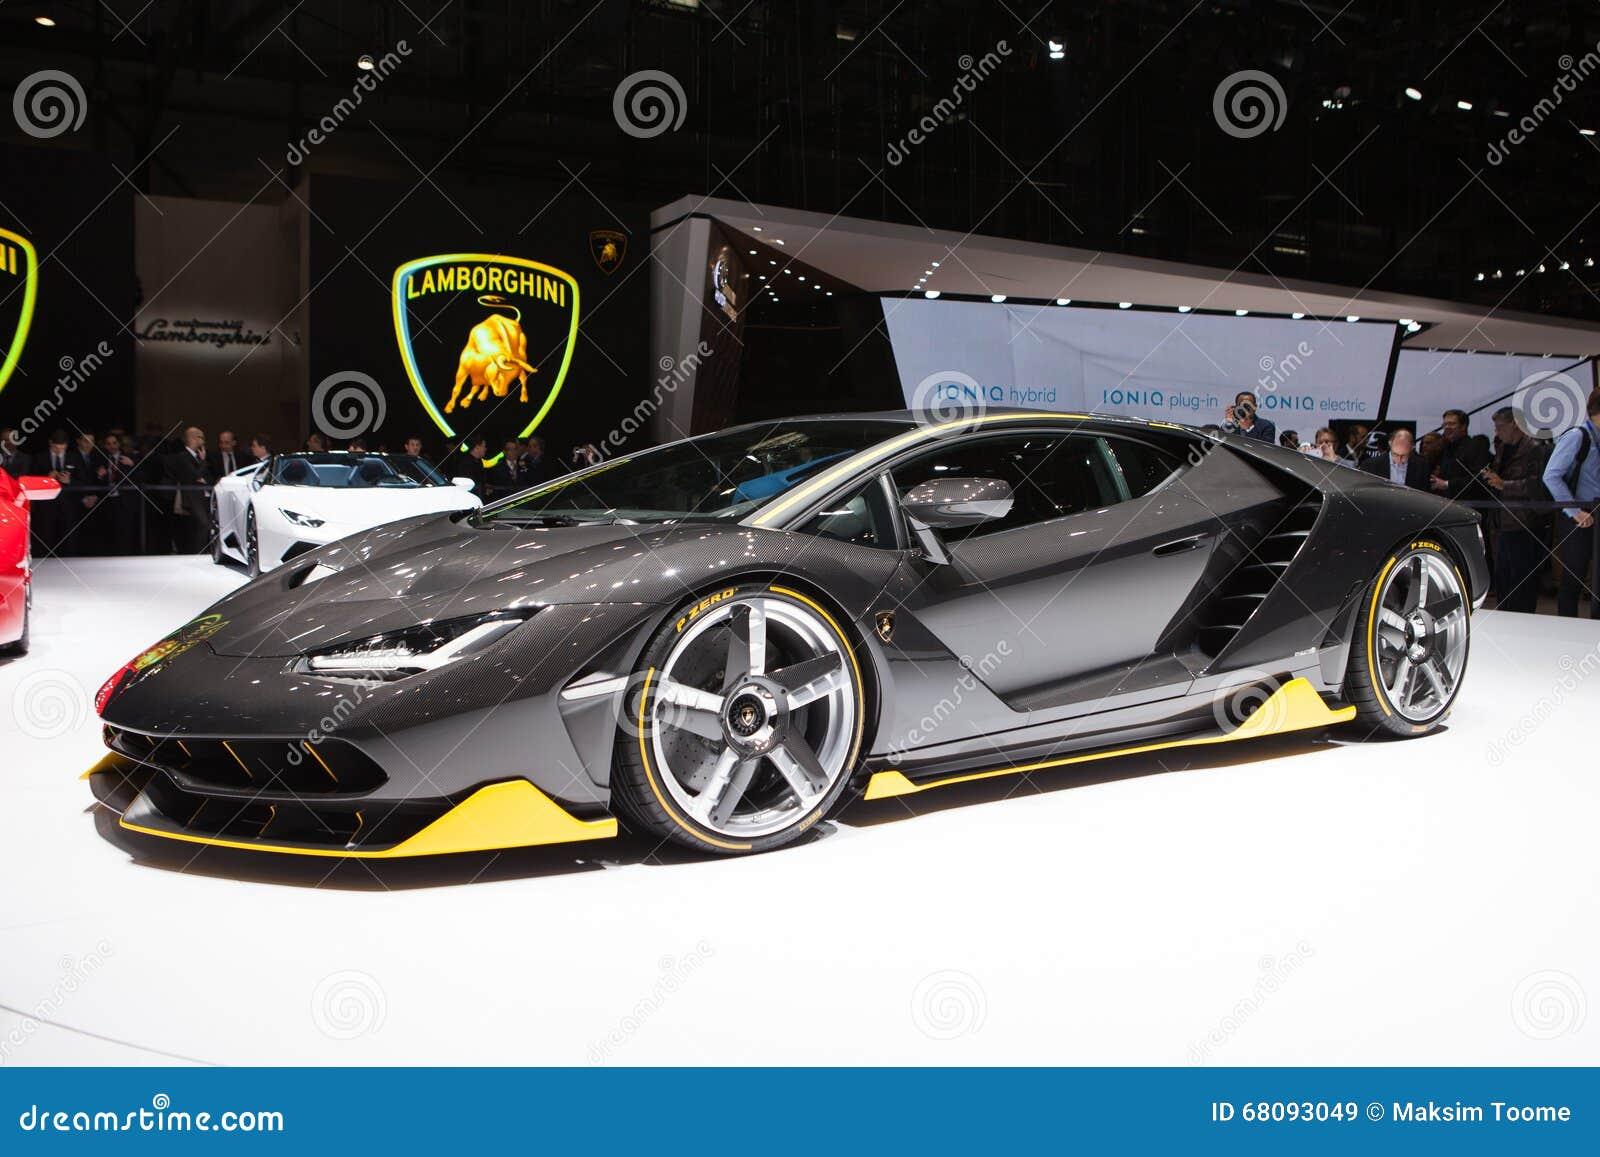 Lamborghini Centenario In Geneva Editorial Stock Image Image Of